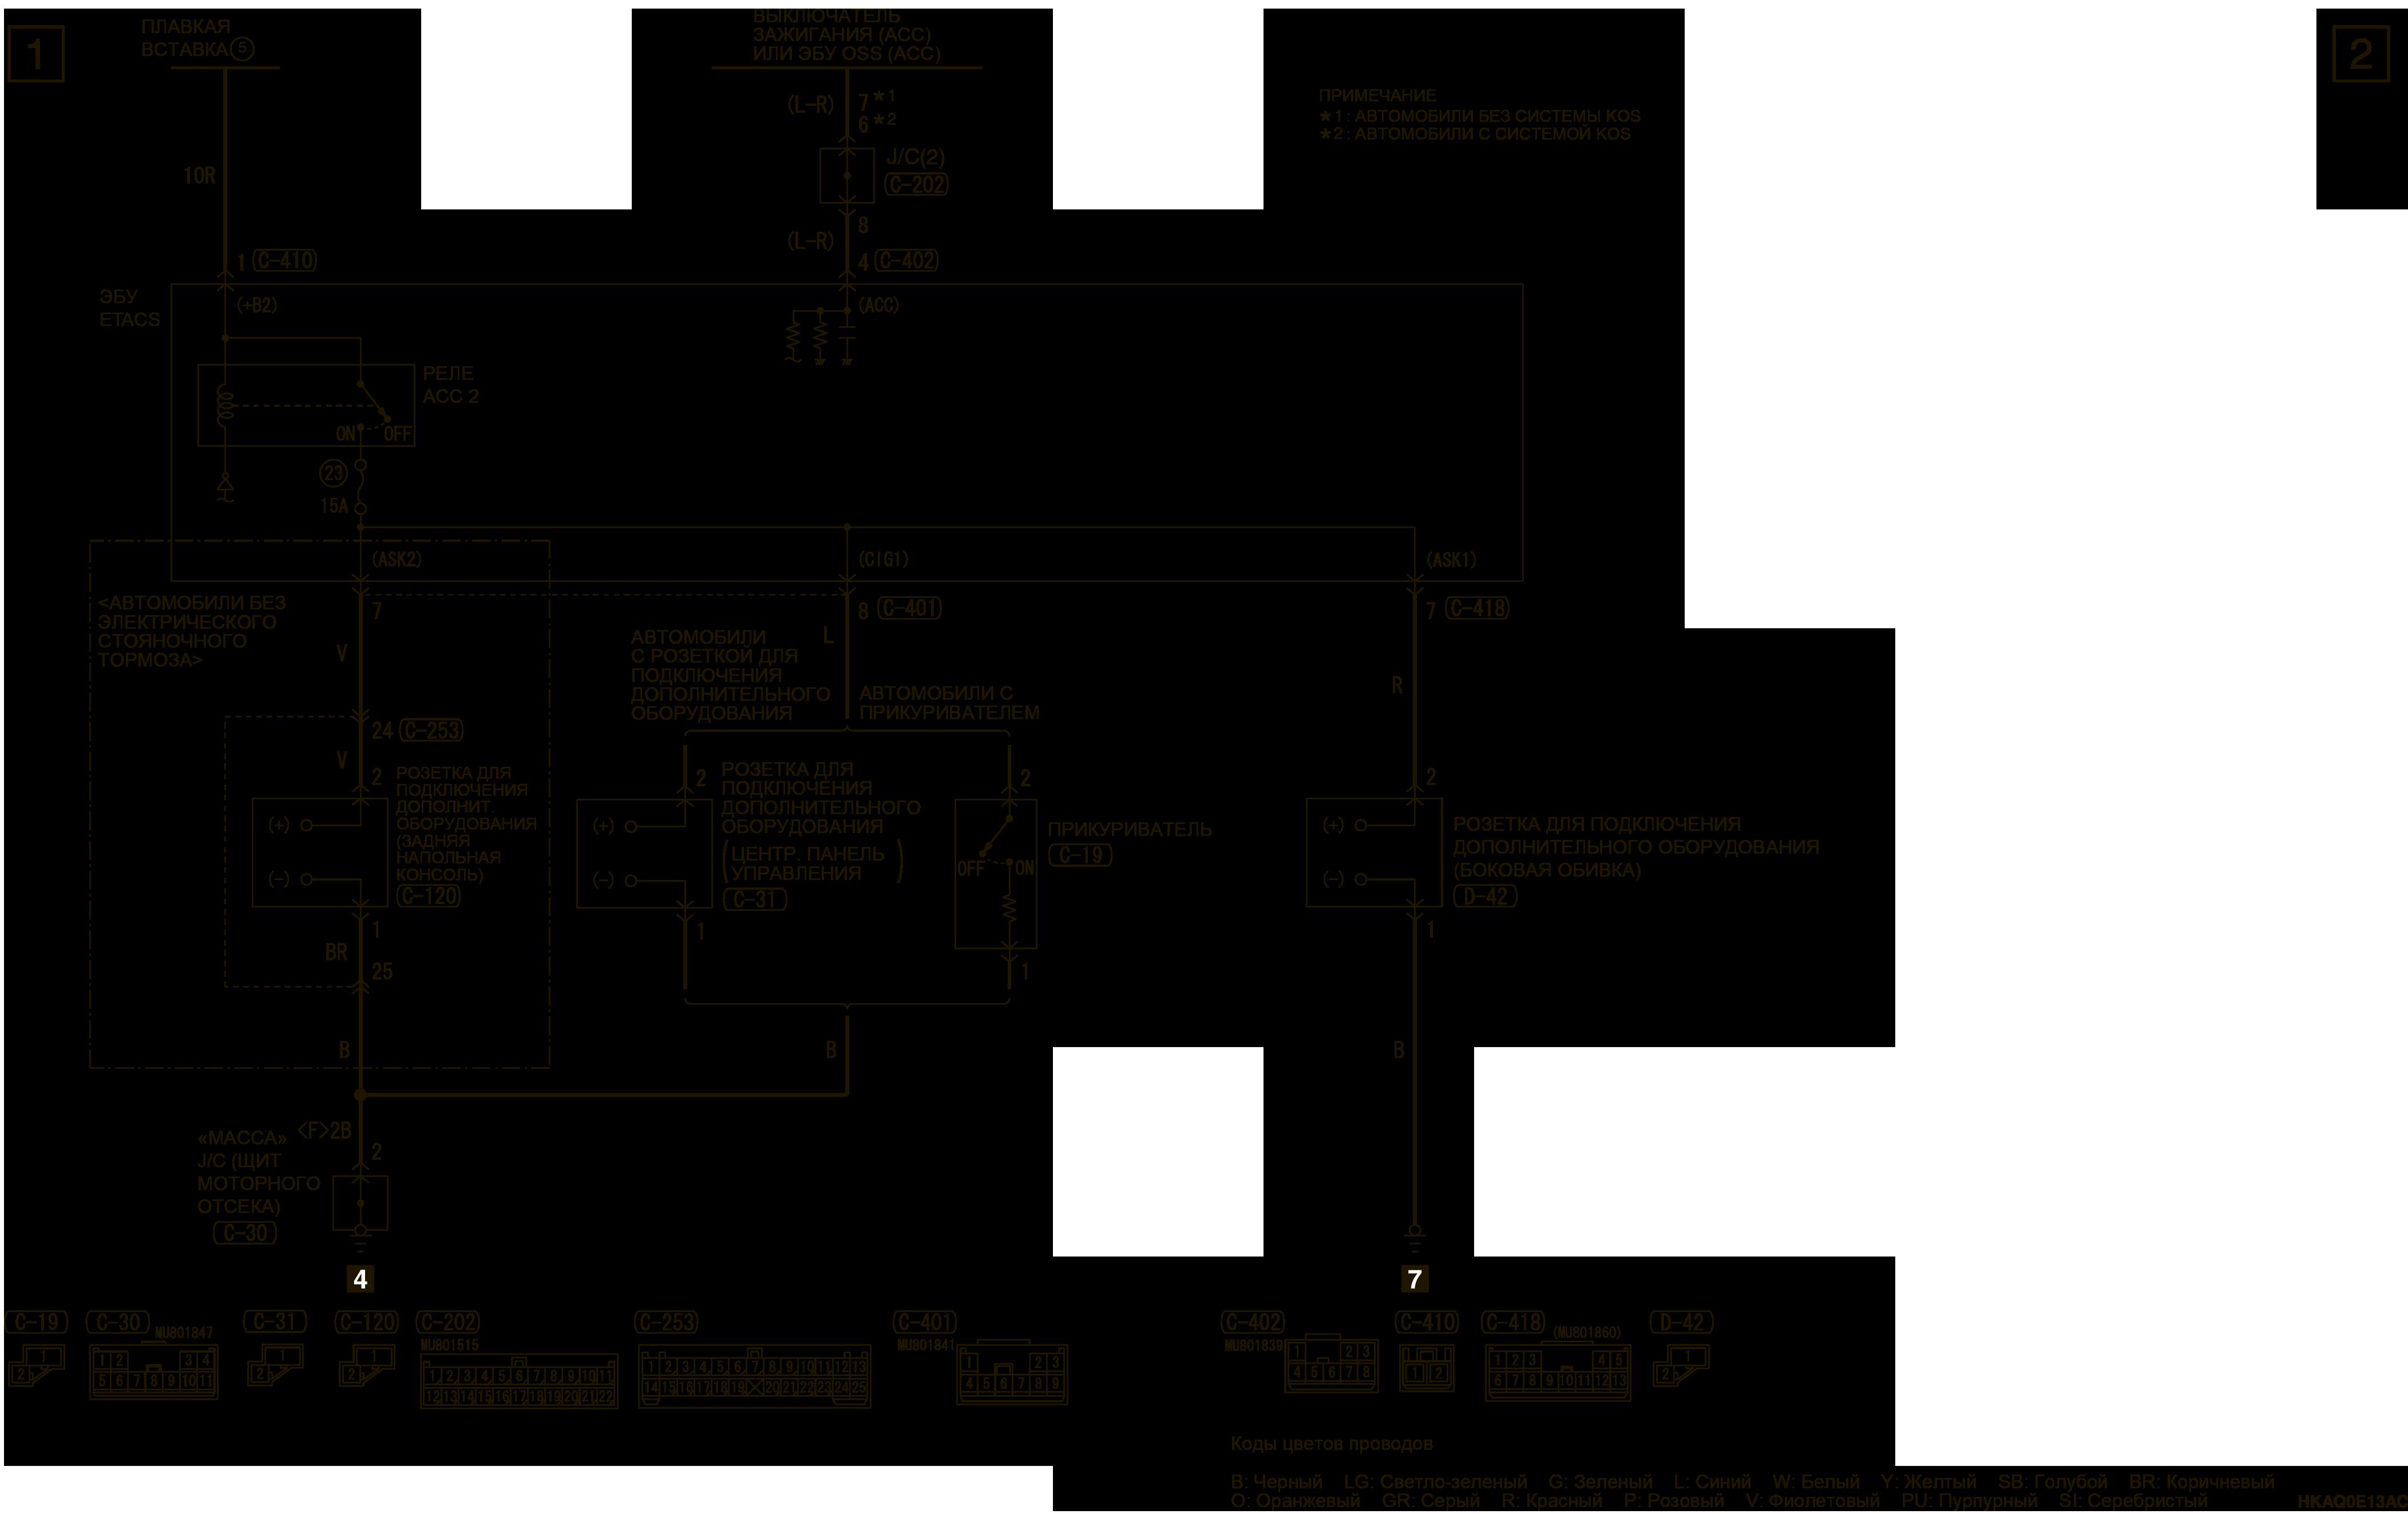 mmc аутлендер 3 2019 электросхемаЭЛЕКТРИЧЕСКАЯ РОЗЕТКА И ПРИКУРИВАТЕЛЬ